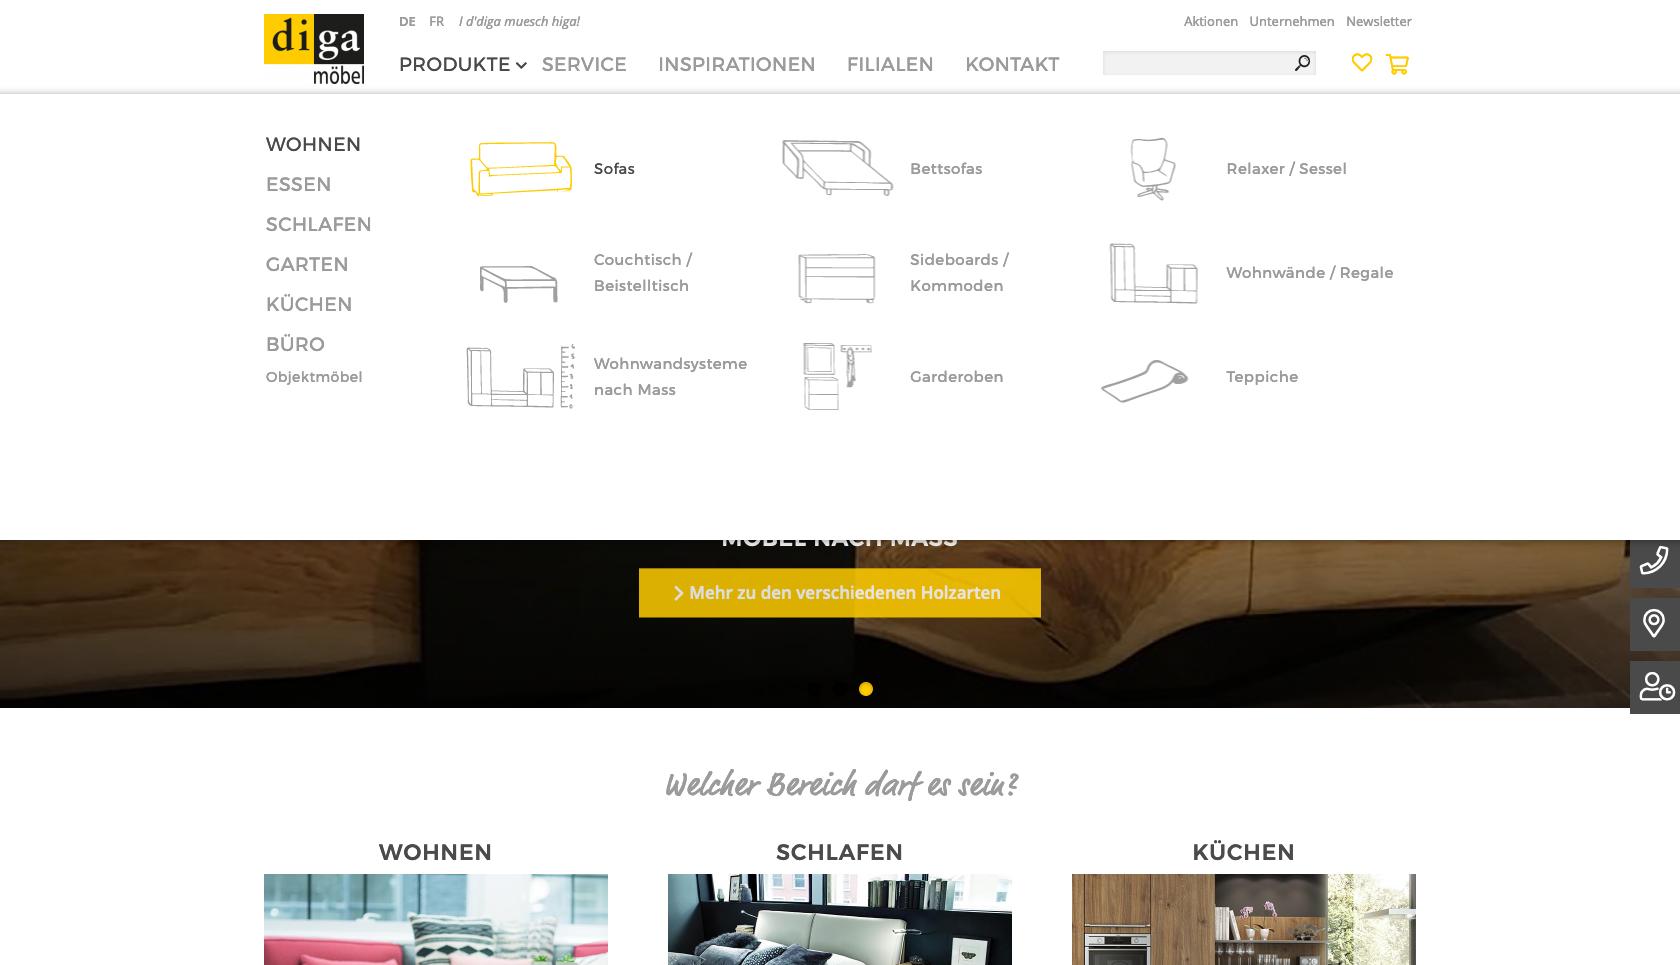 Bildschirmfoto der Website diga.ch mit Megadropdown geöffnet